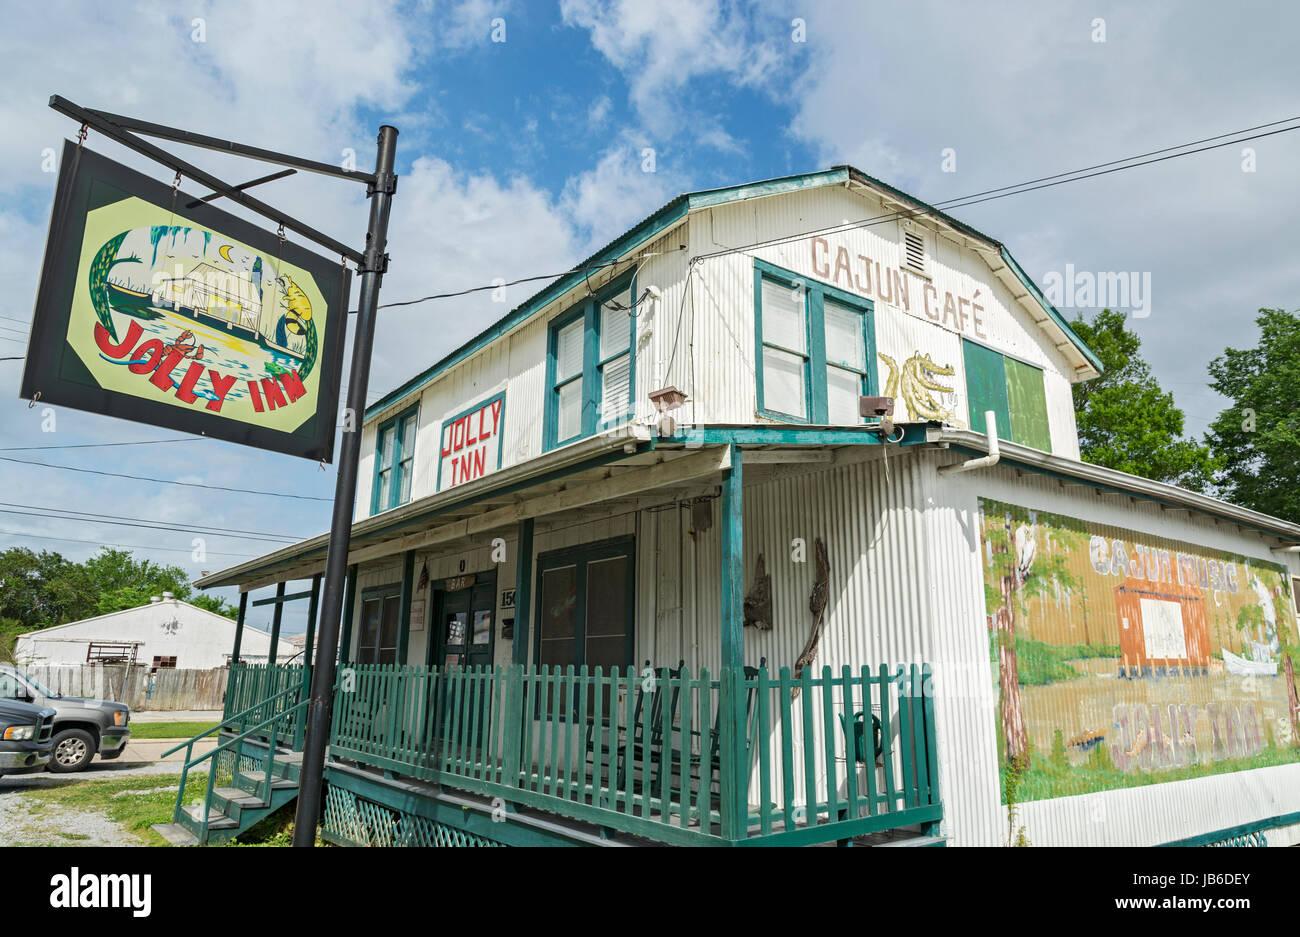 Louisiana Houma, Jolly Inn Cajun, cafetería, bar, restaurante, sala de música Cajun. Imagen De Stock